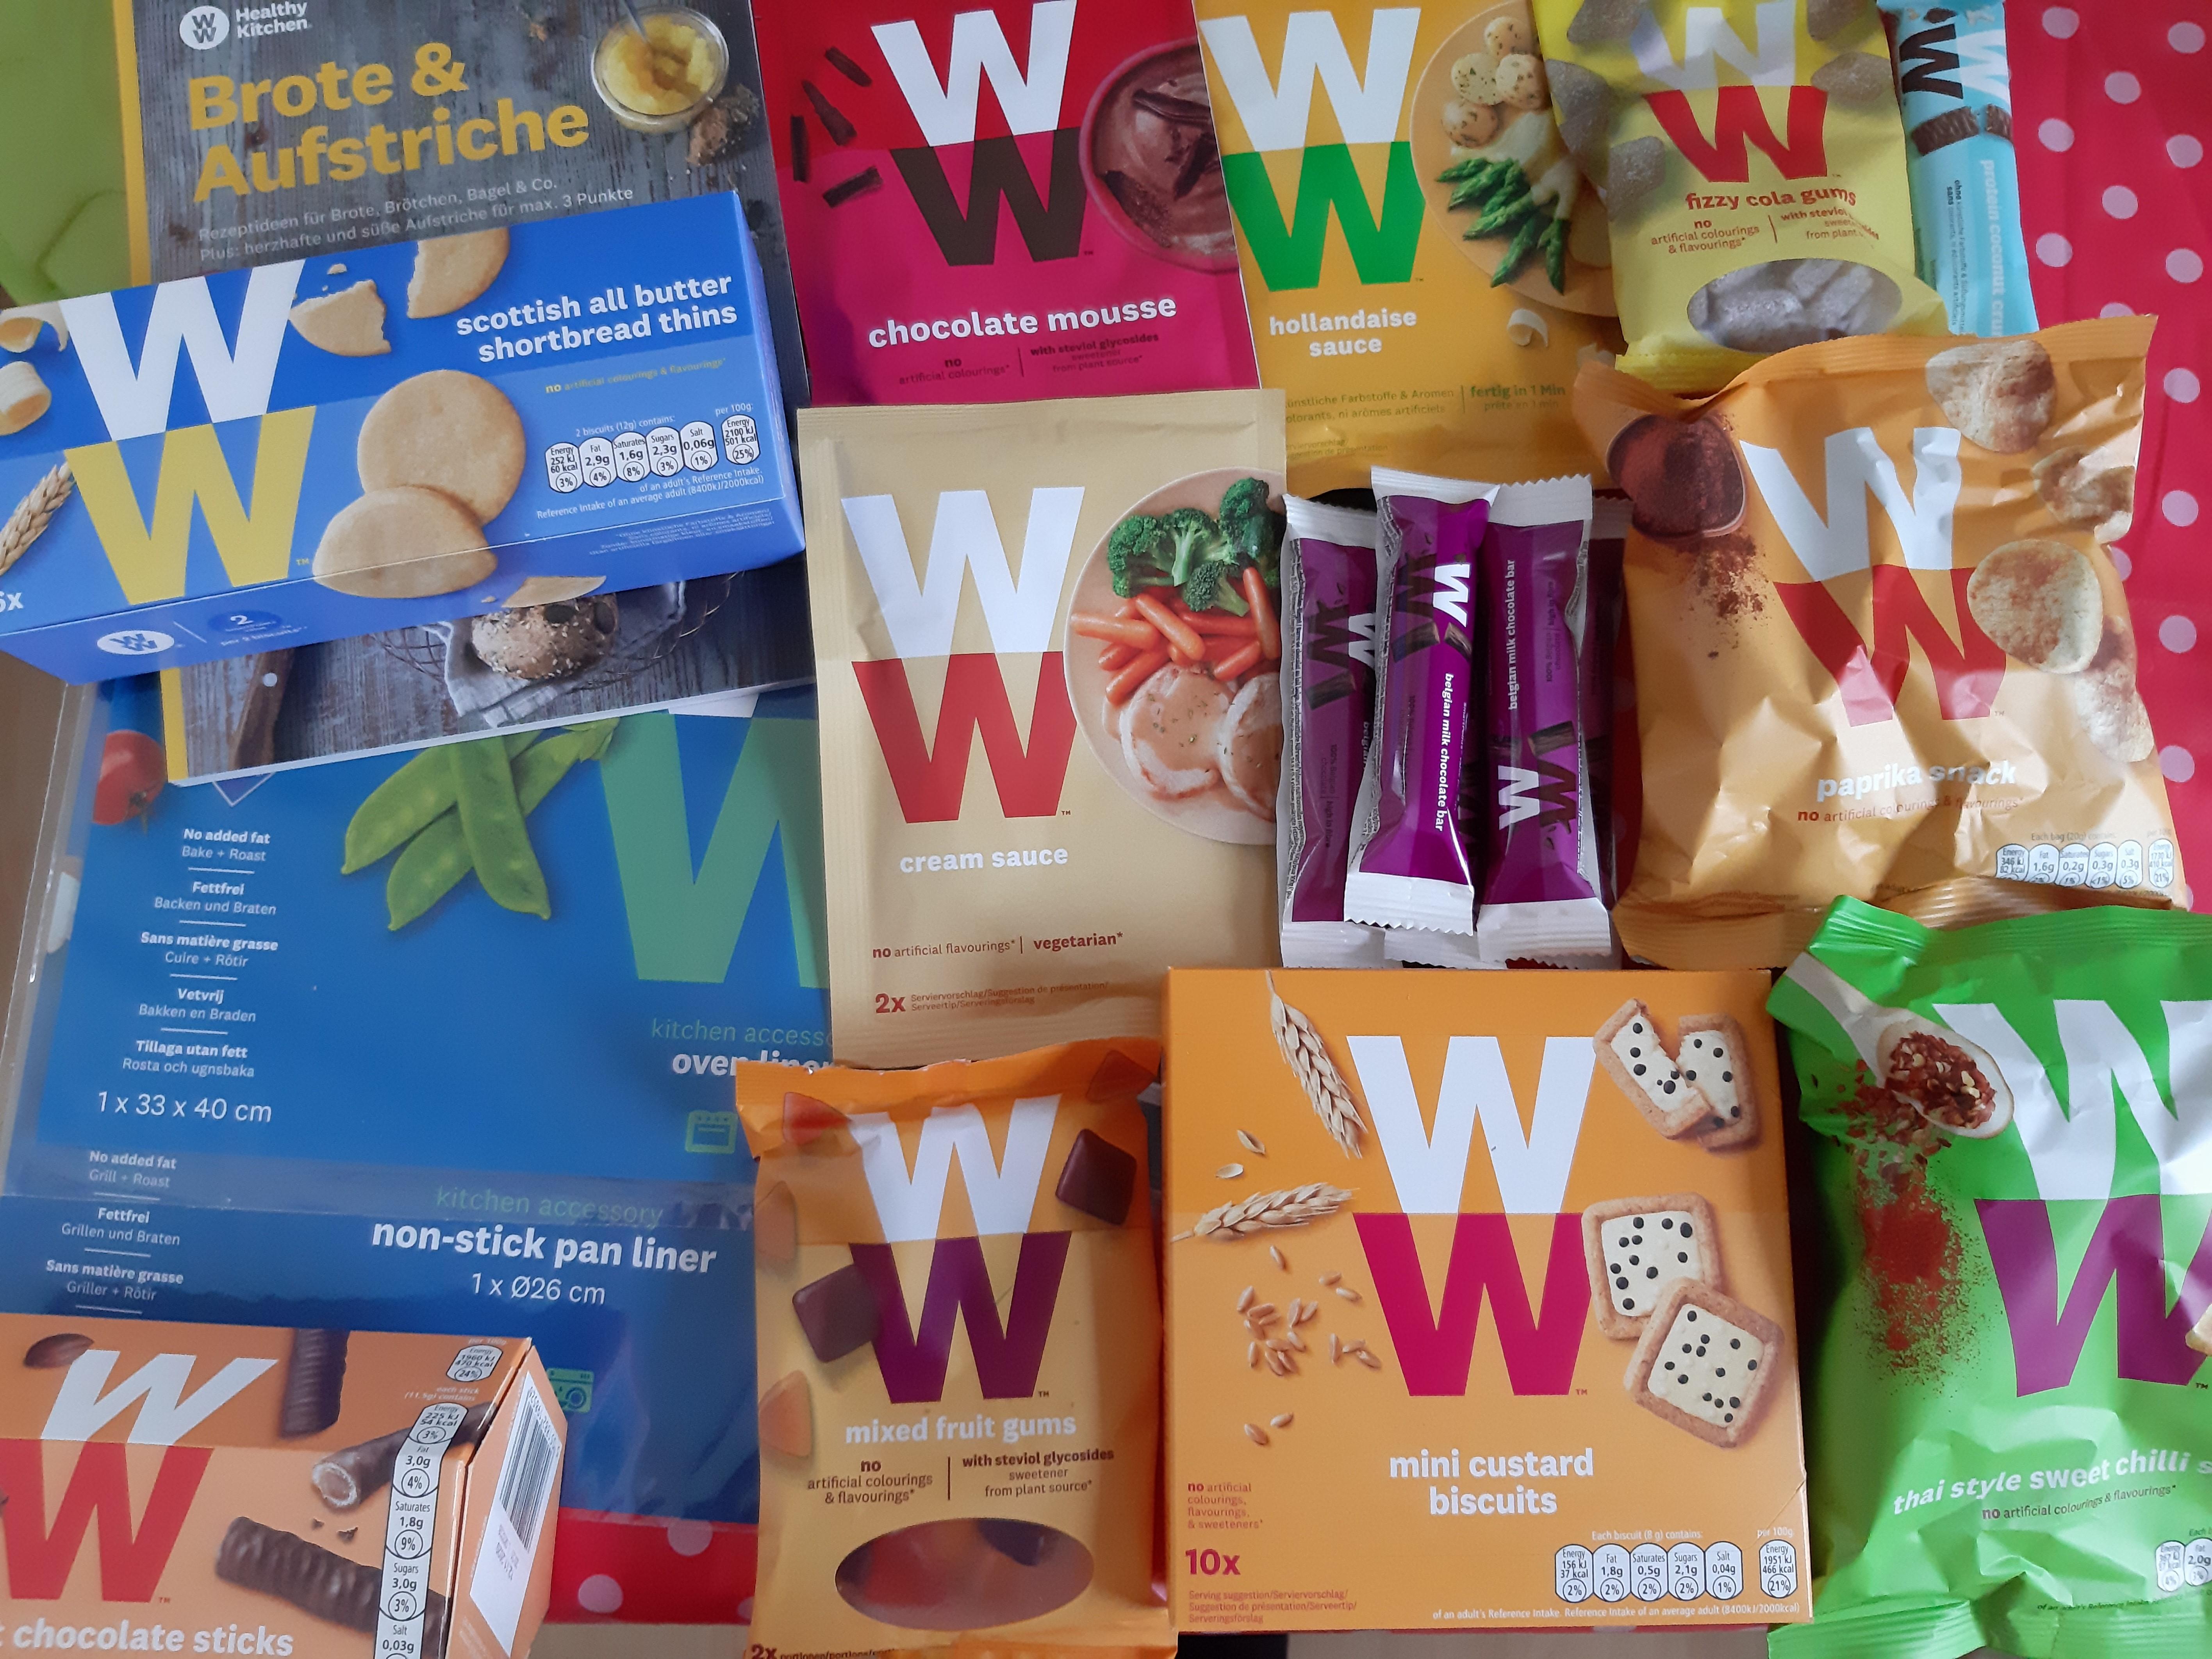 WelnnessWins - Gutschein für den Weight Watchers Shop